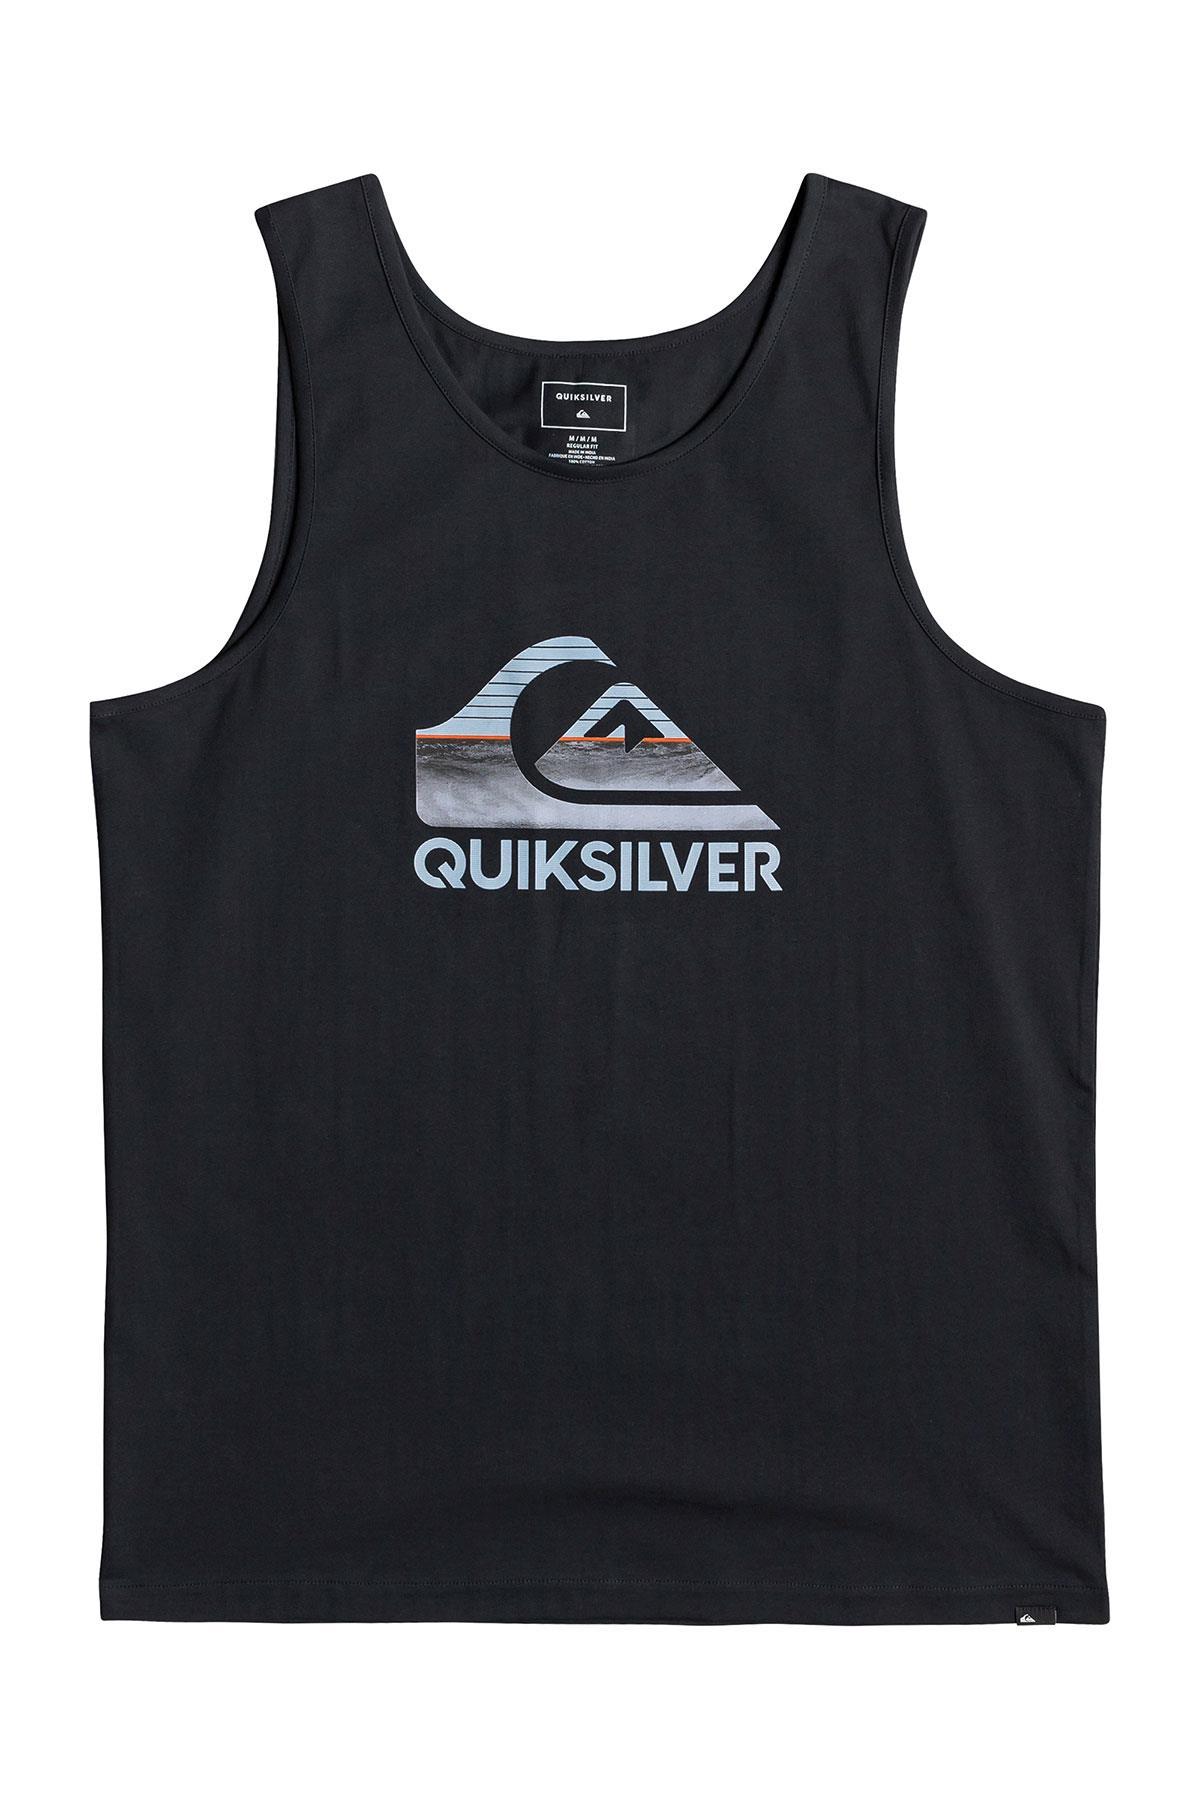 Quiksilver Wavestank M Tees T-Shirt Qkeqyzt05286